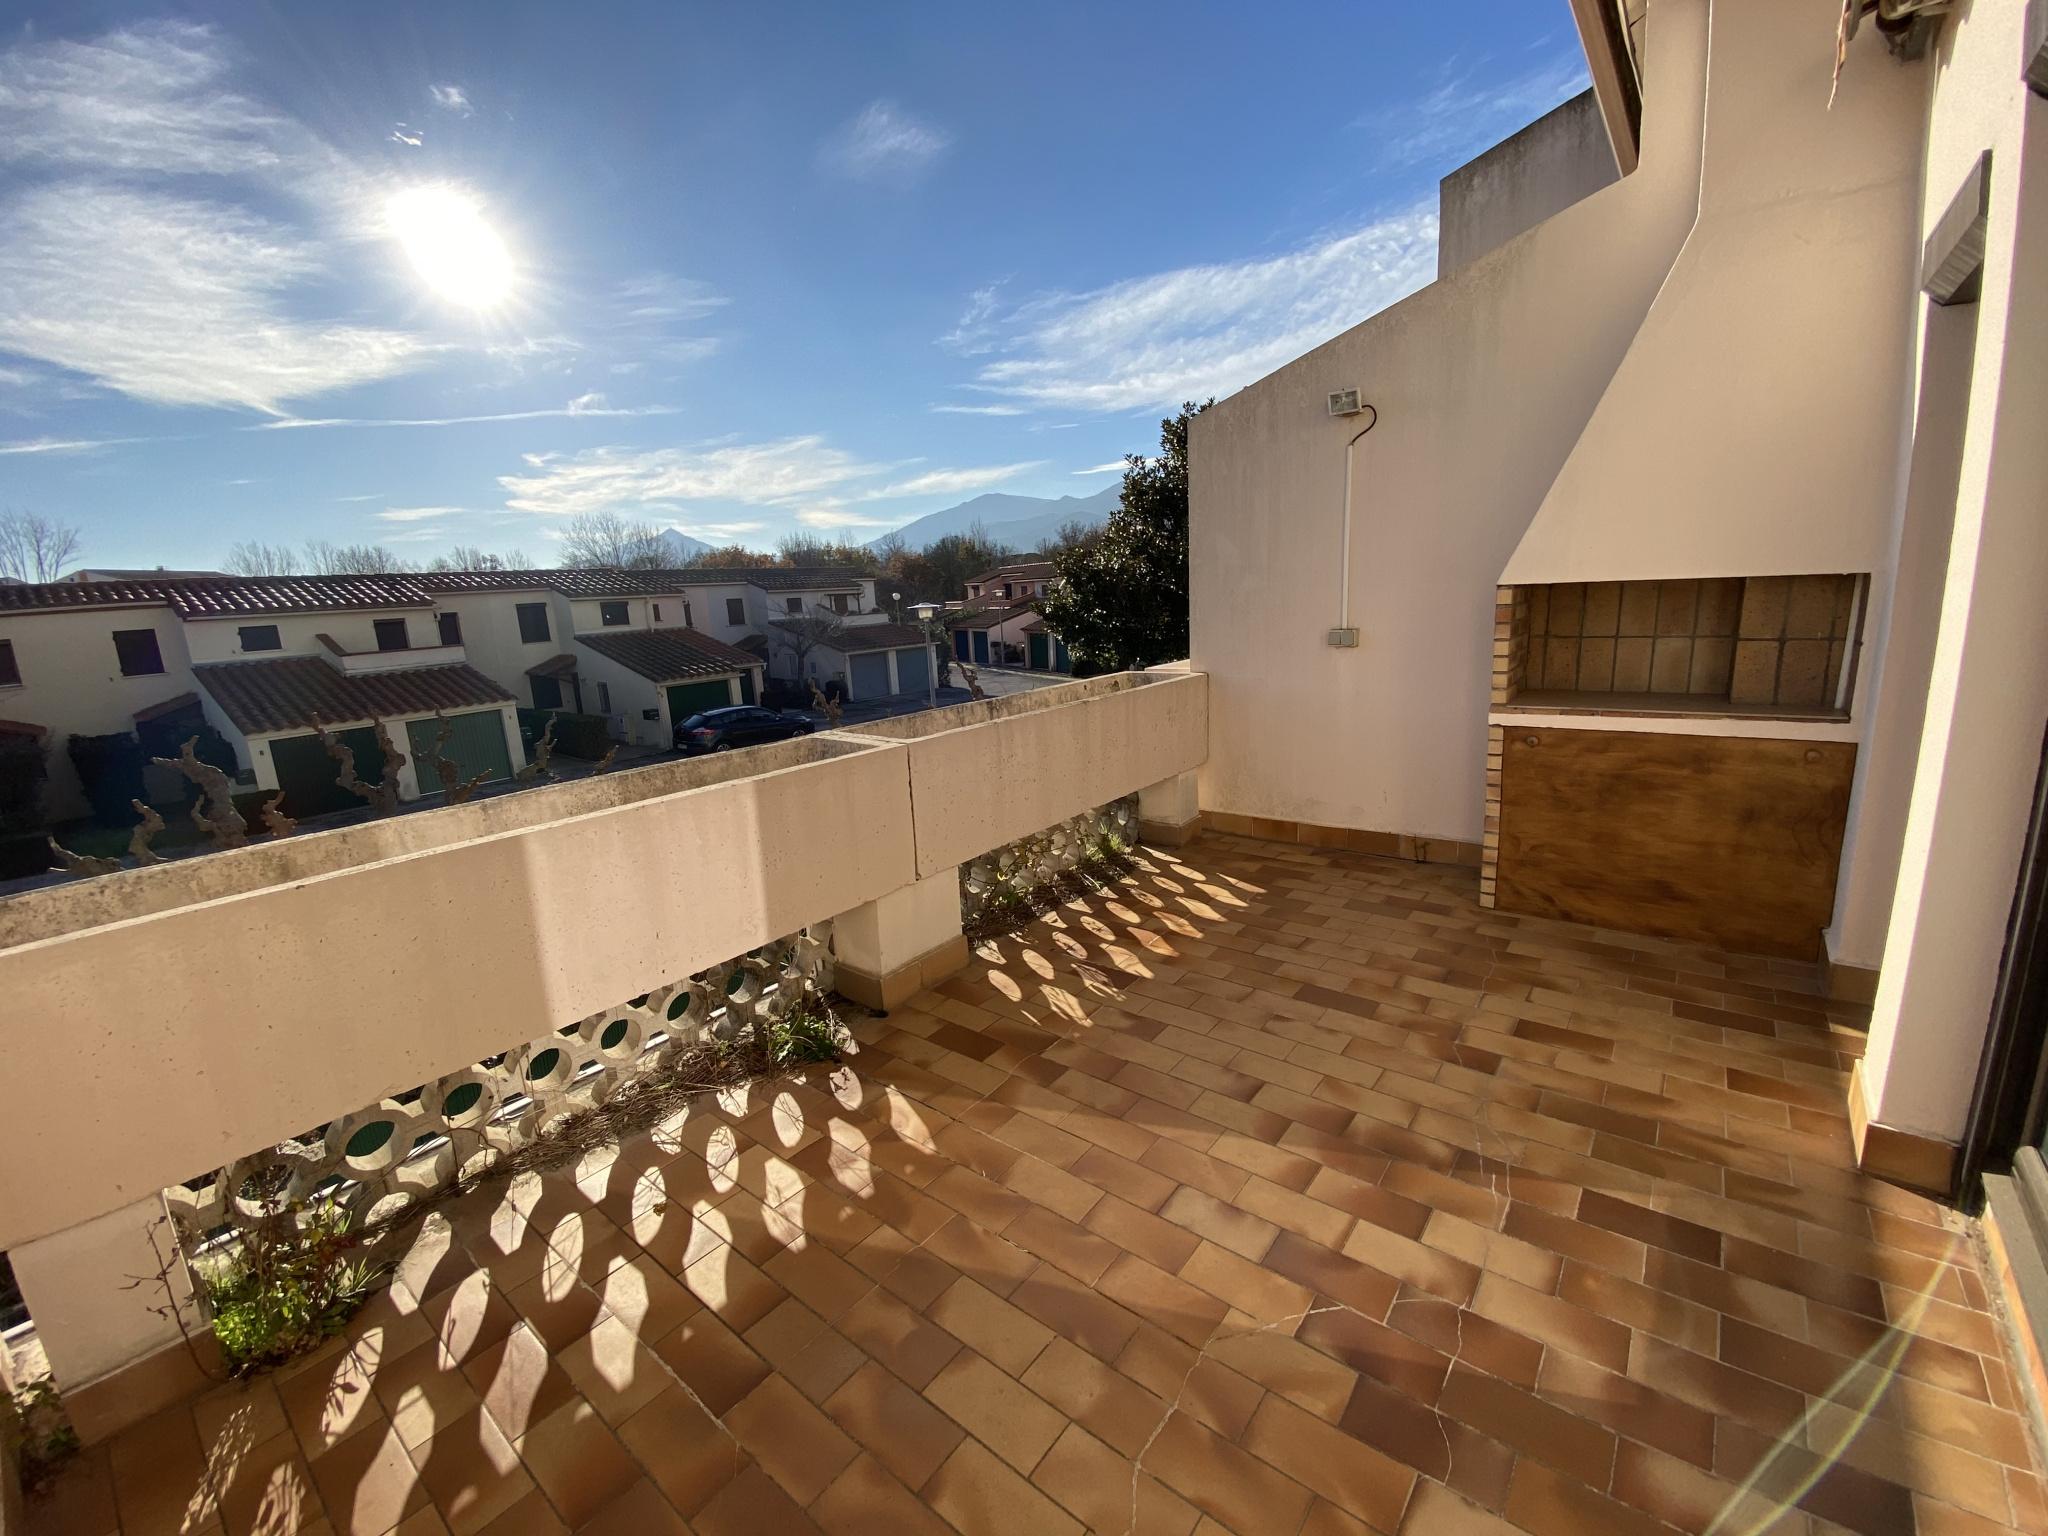 À vendre appartement de 30m2 à argeles sur mer (66700) - Photo 1'